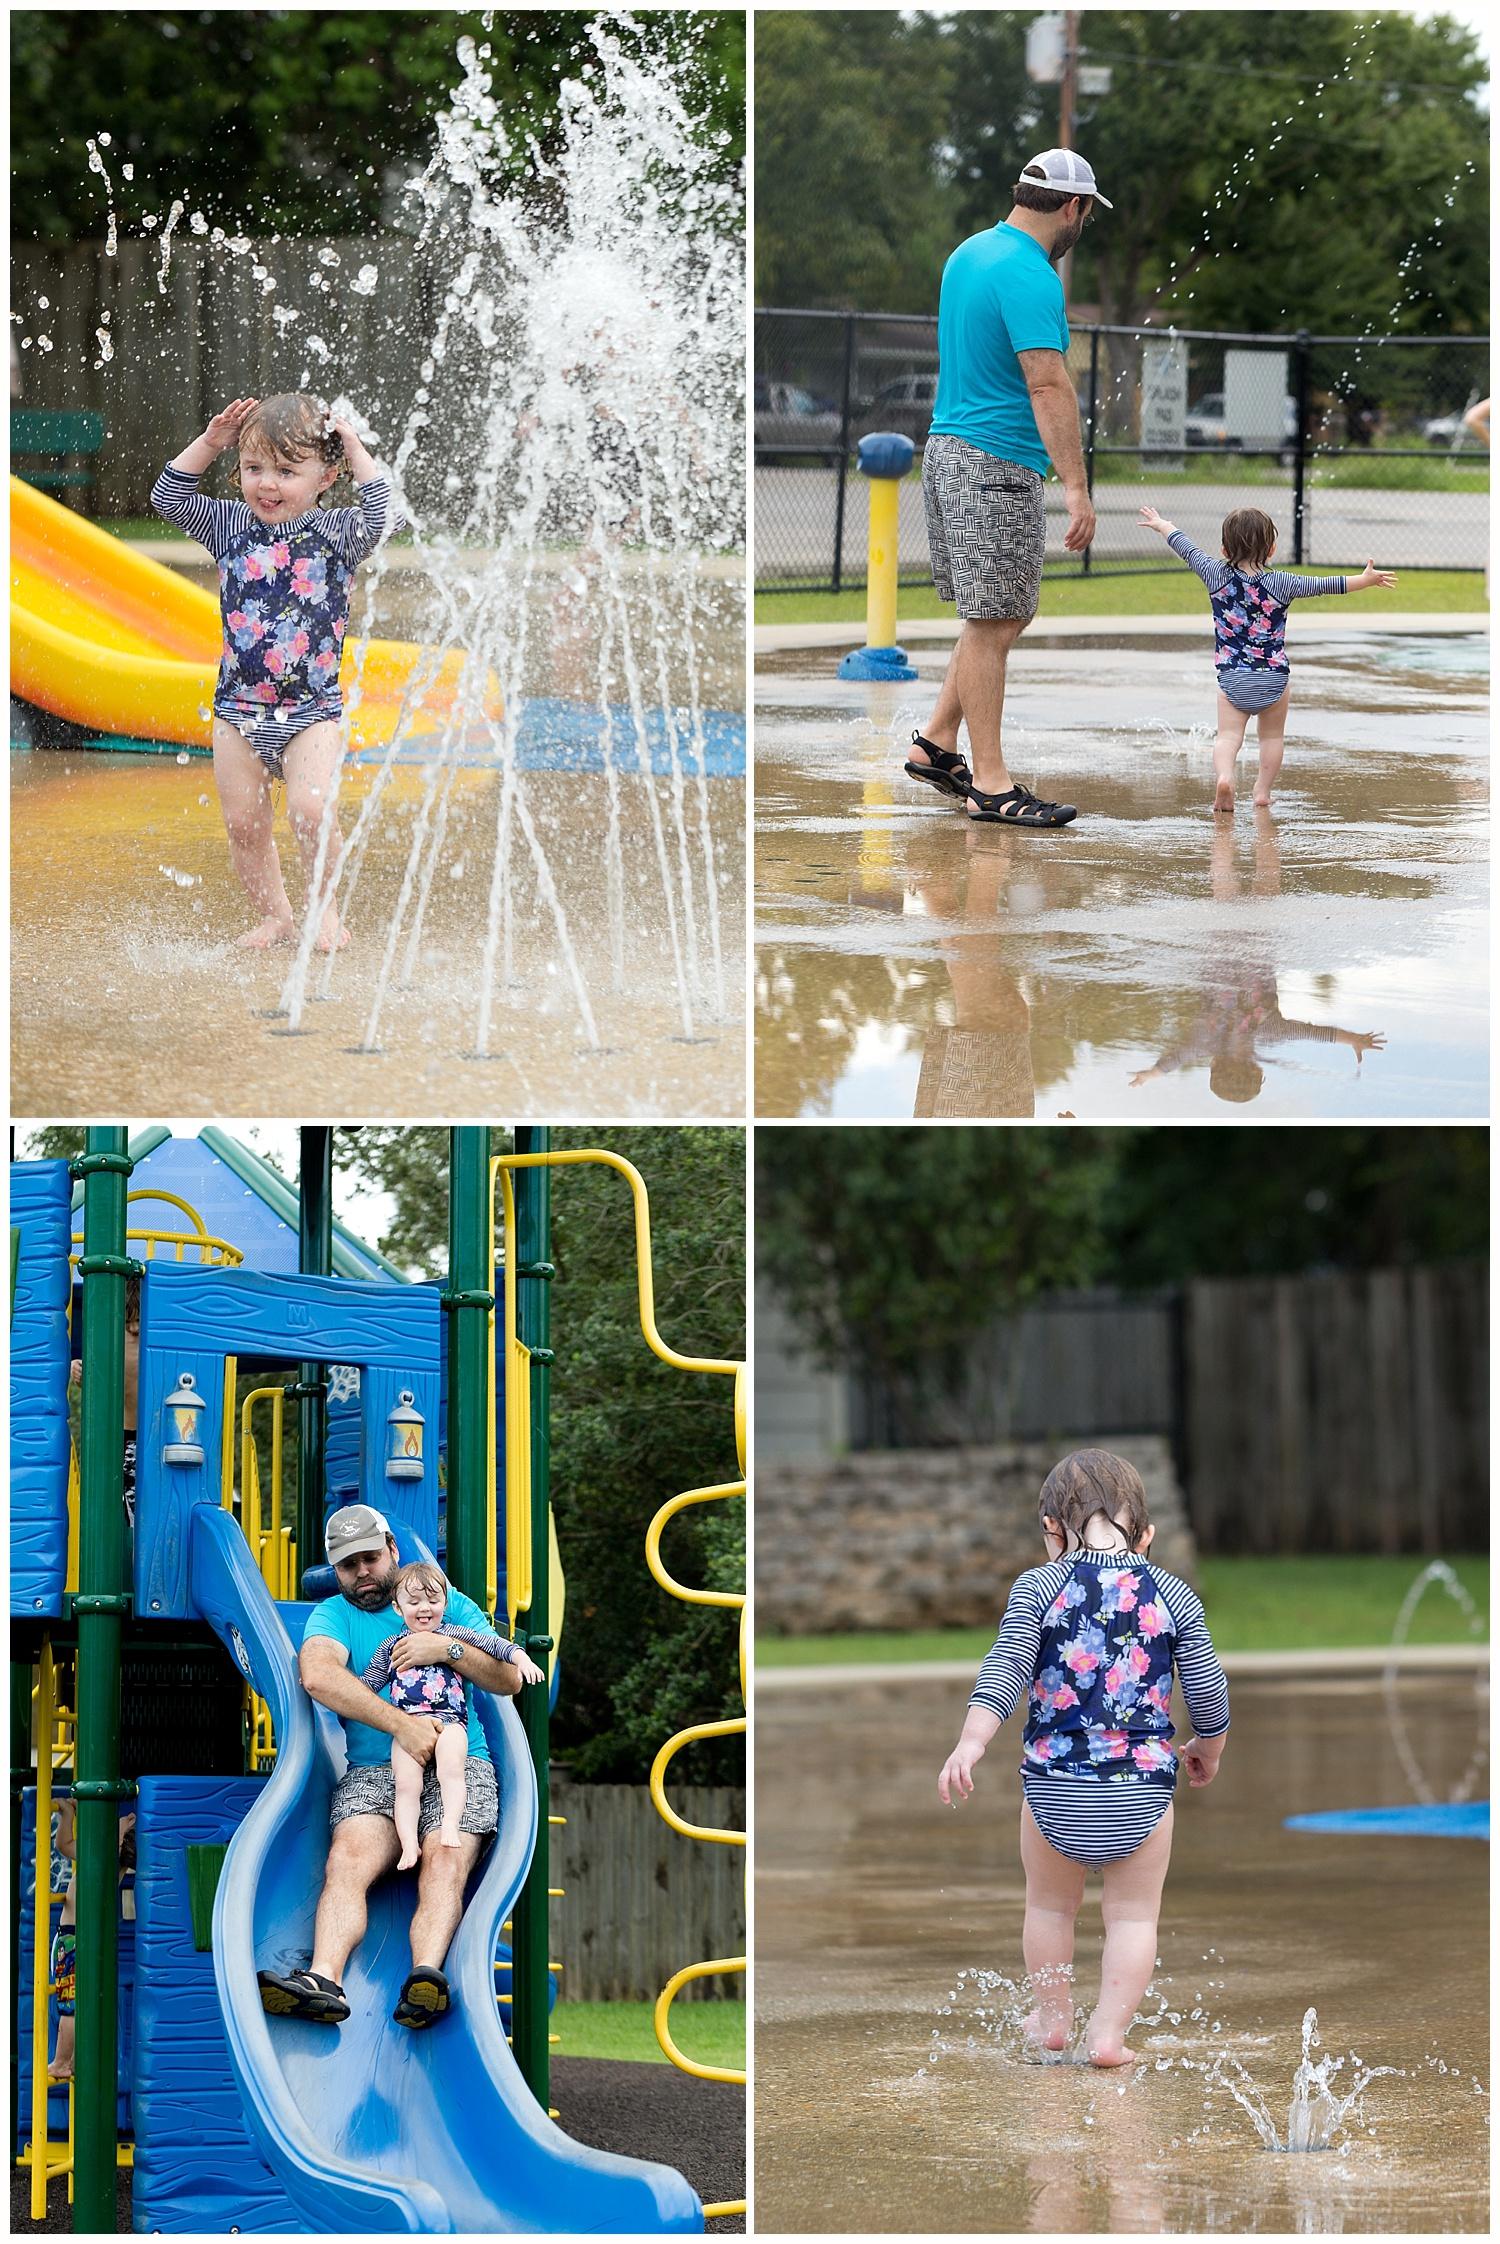 dad and daughter at Ocean Springs splash park